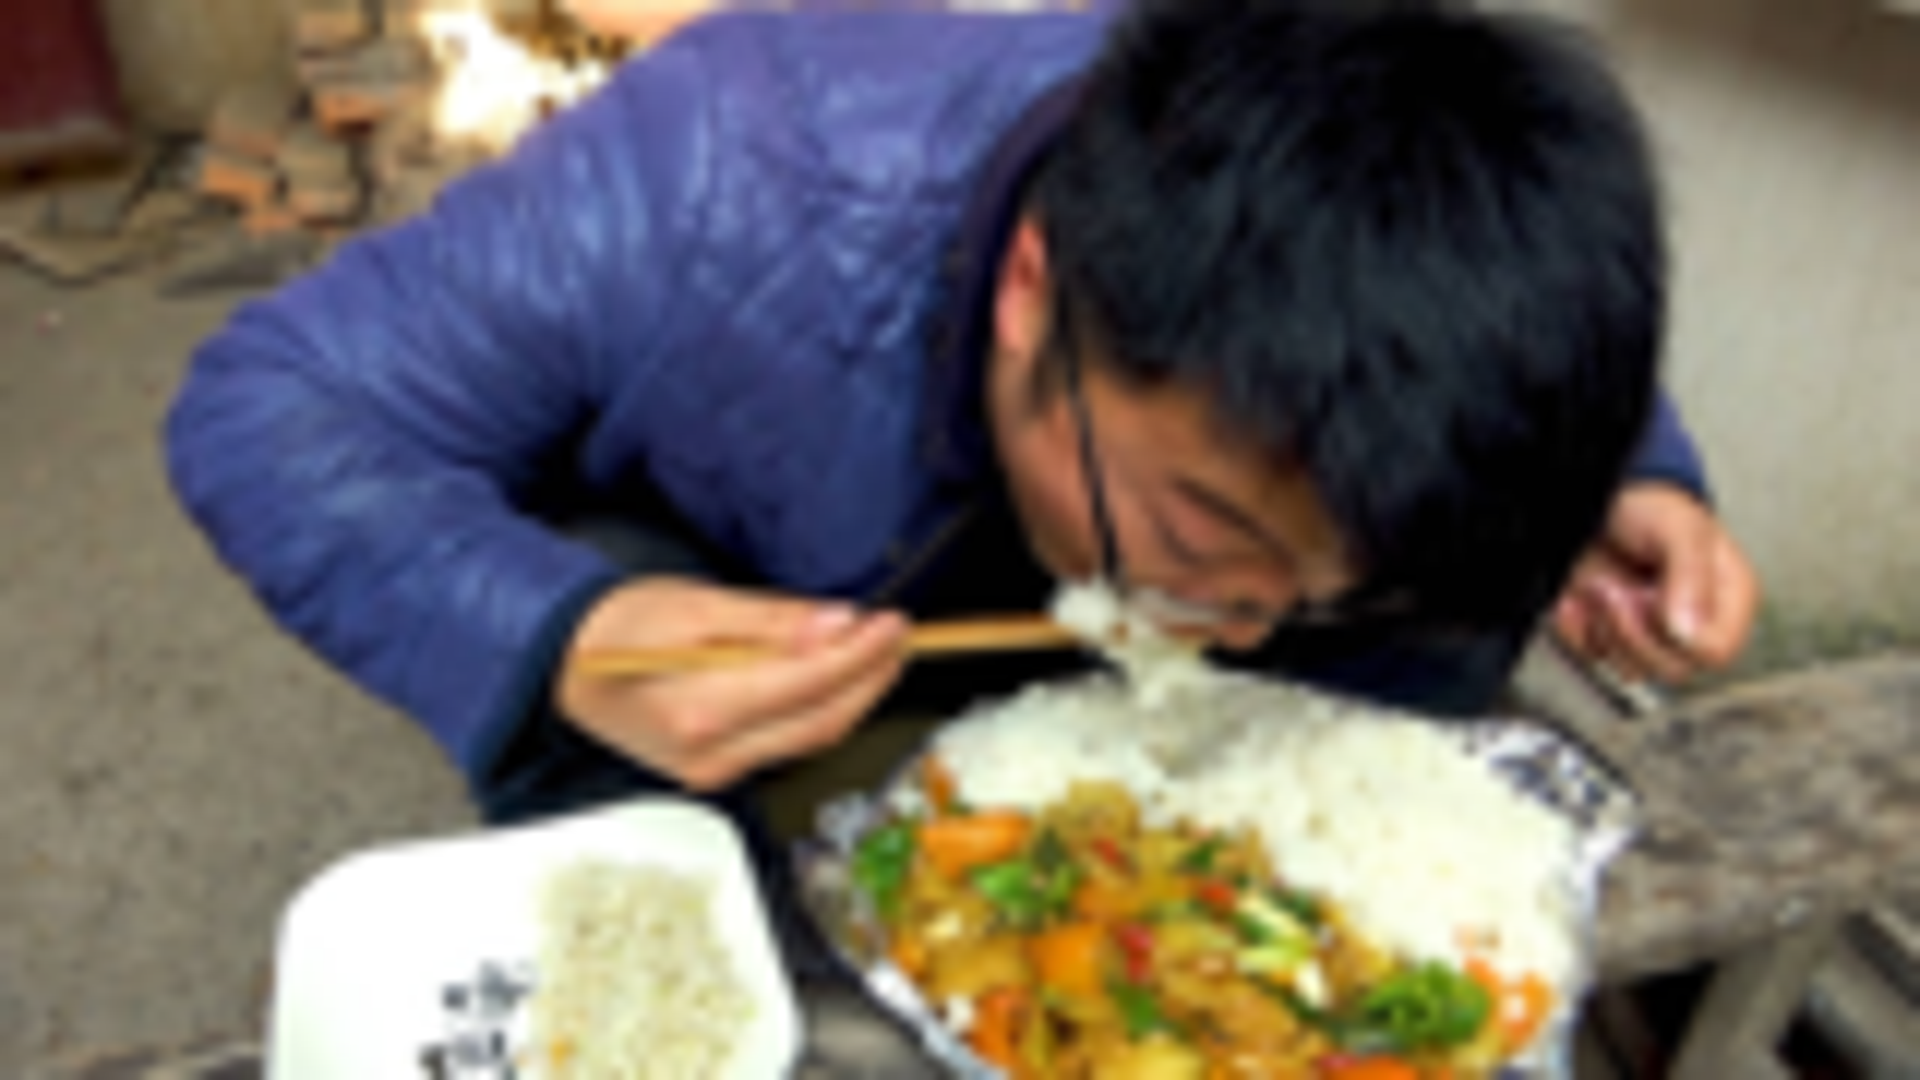 铁板孜然土豆饭,一盘菜半盘饭,大sao吃顿差的,这感觉比肉过瘾